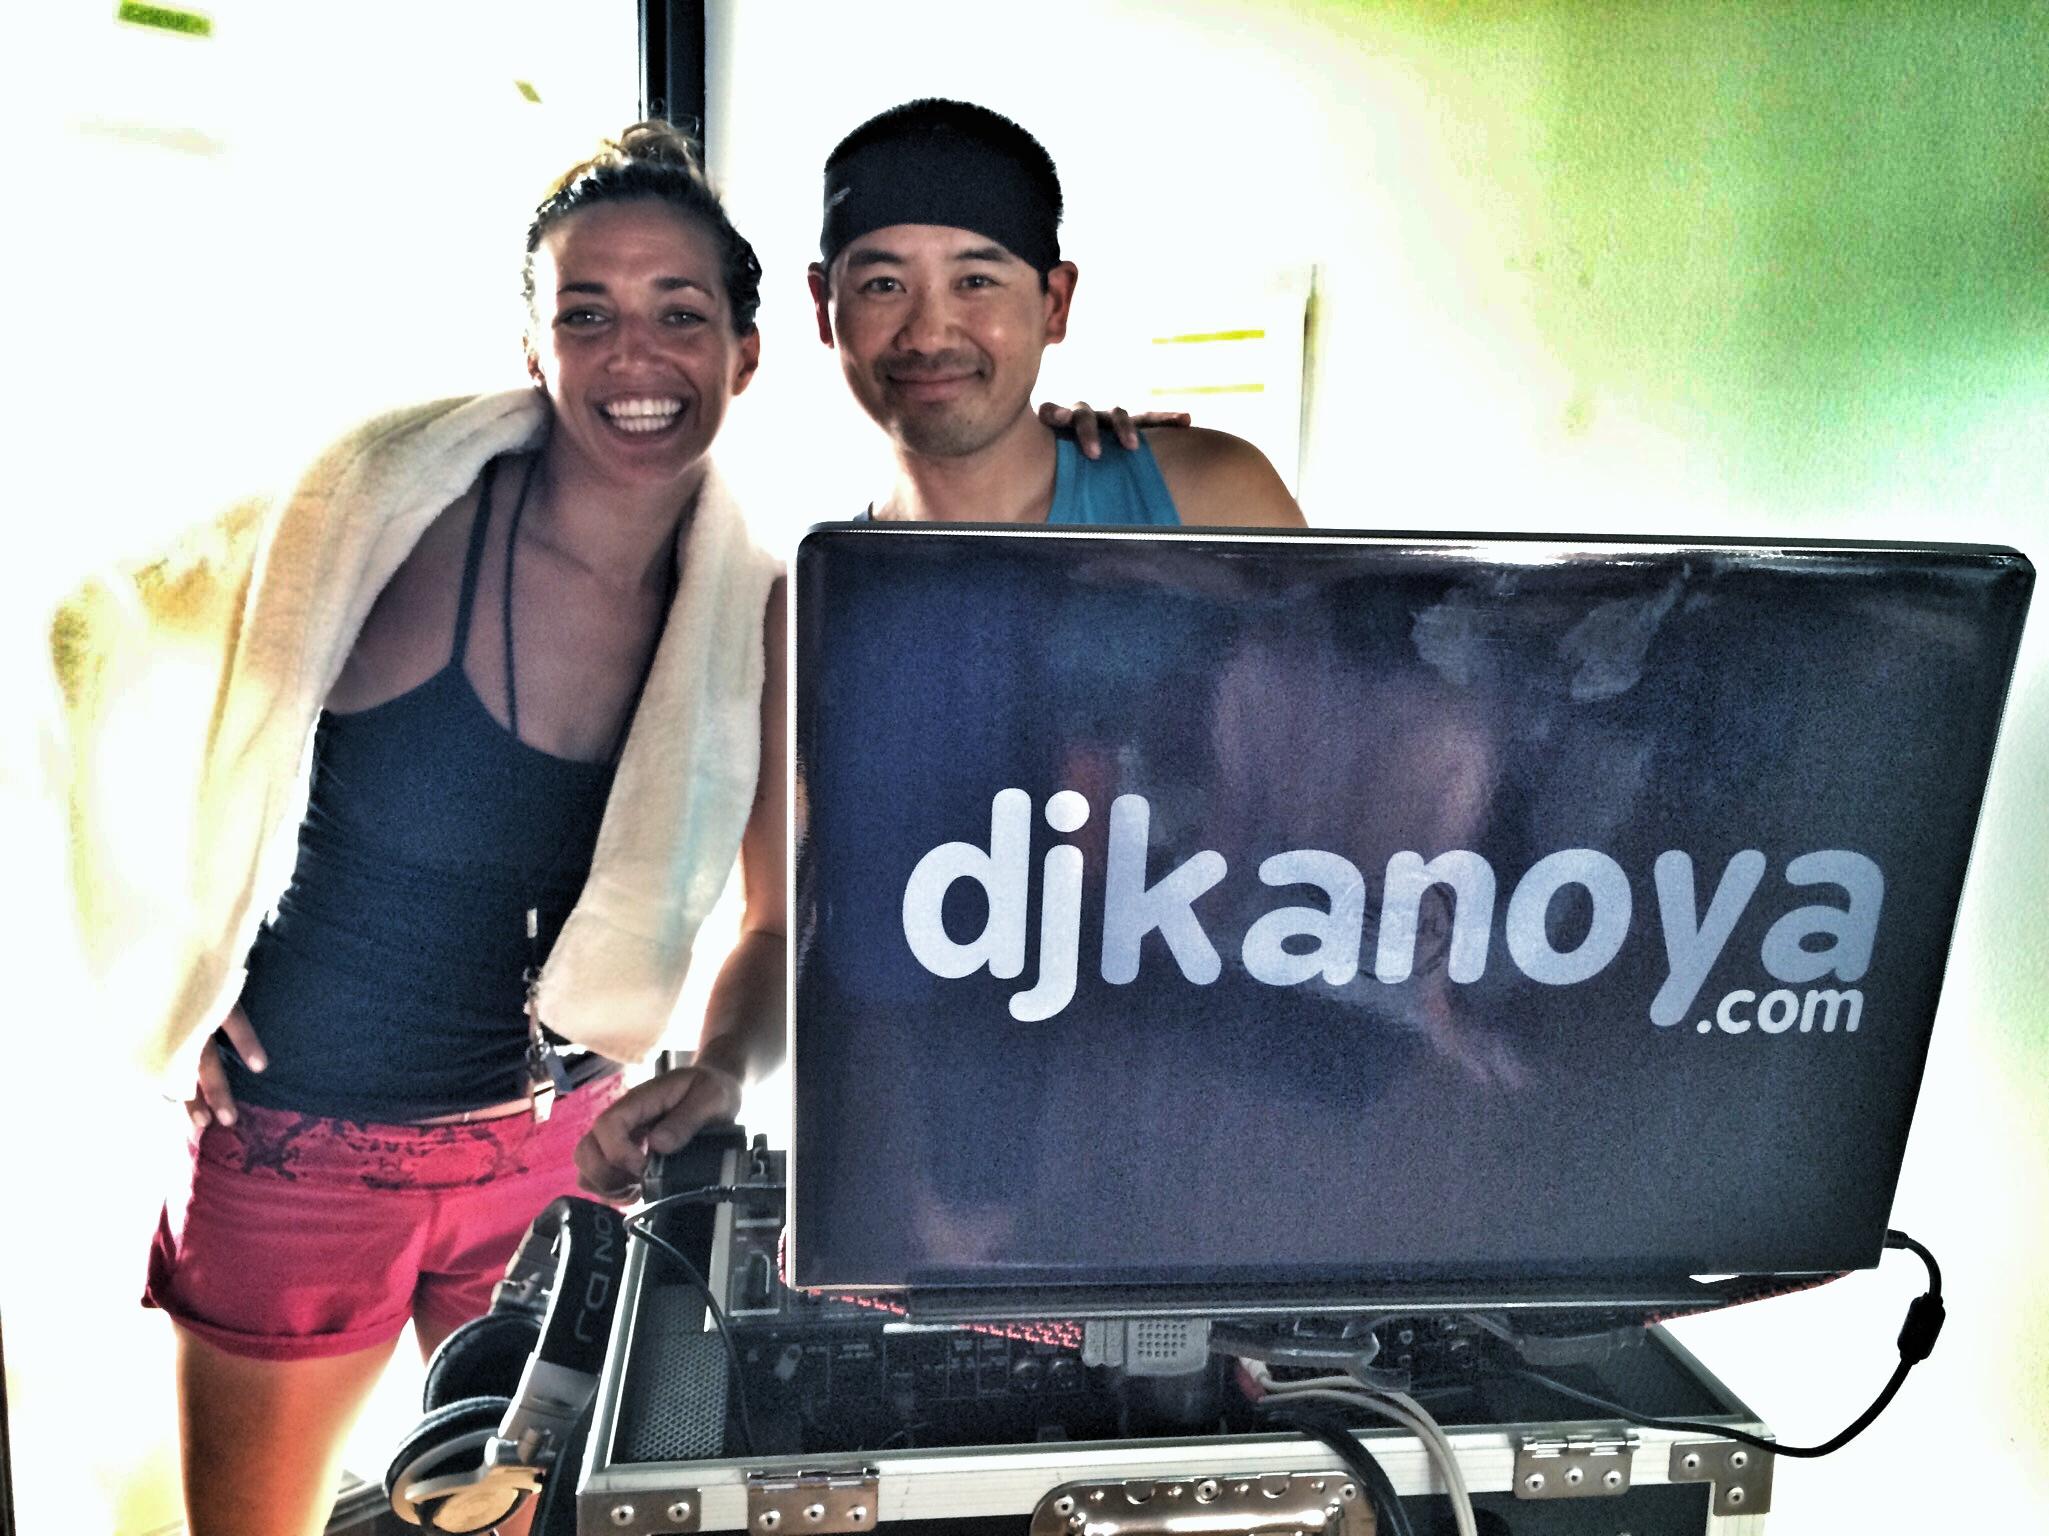 San Diego DJ, Justin Kanoya, with yoga instructor Katie Burke.